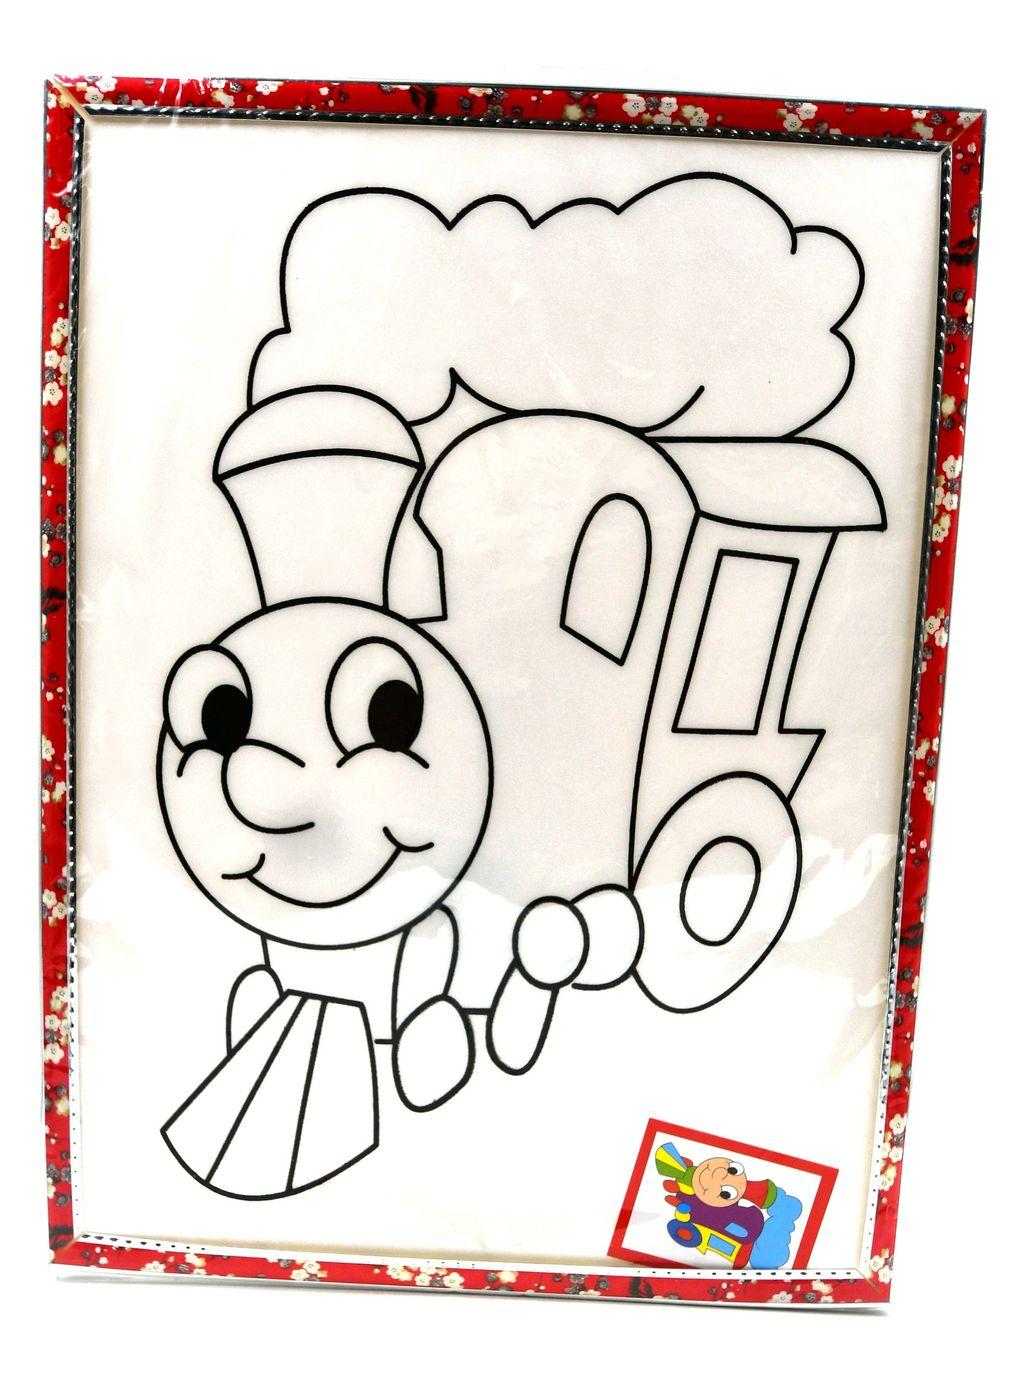 Styrofoam Thomas.jpg